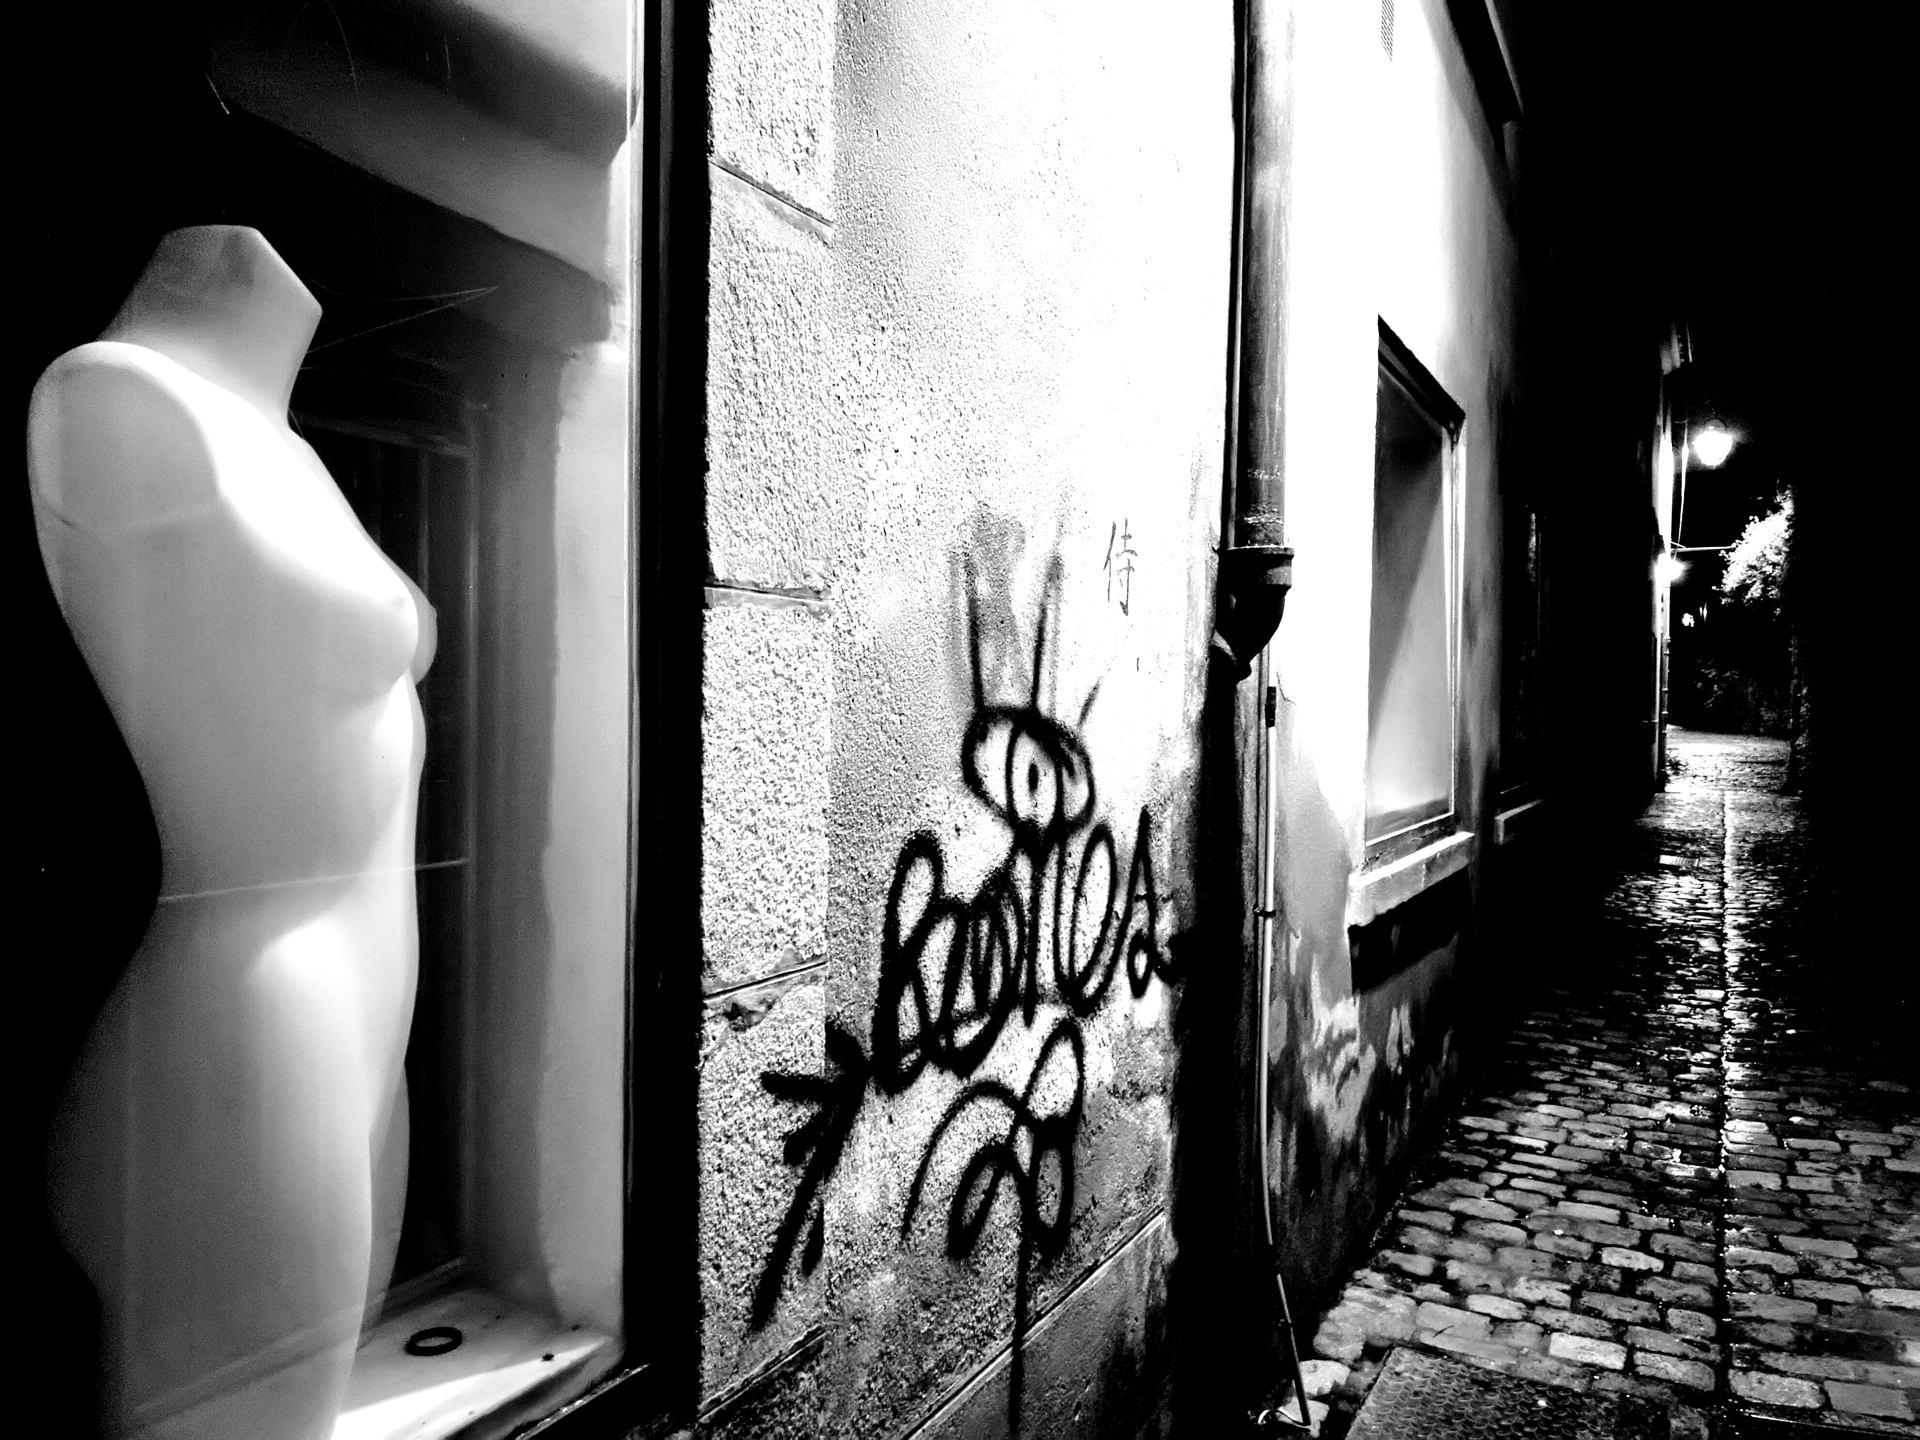 Dans la ruelle obscure